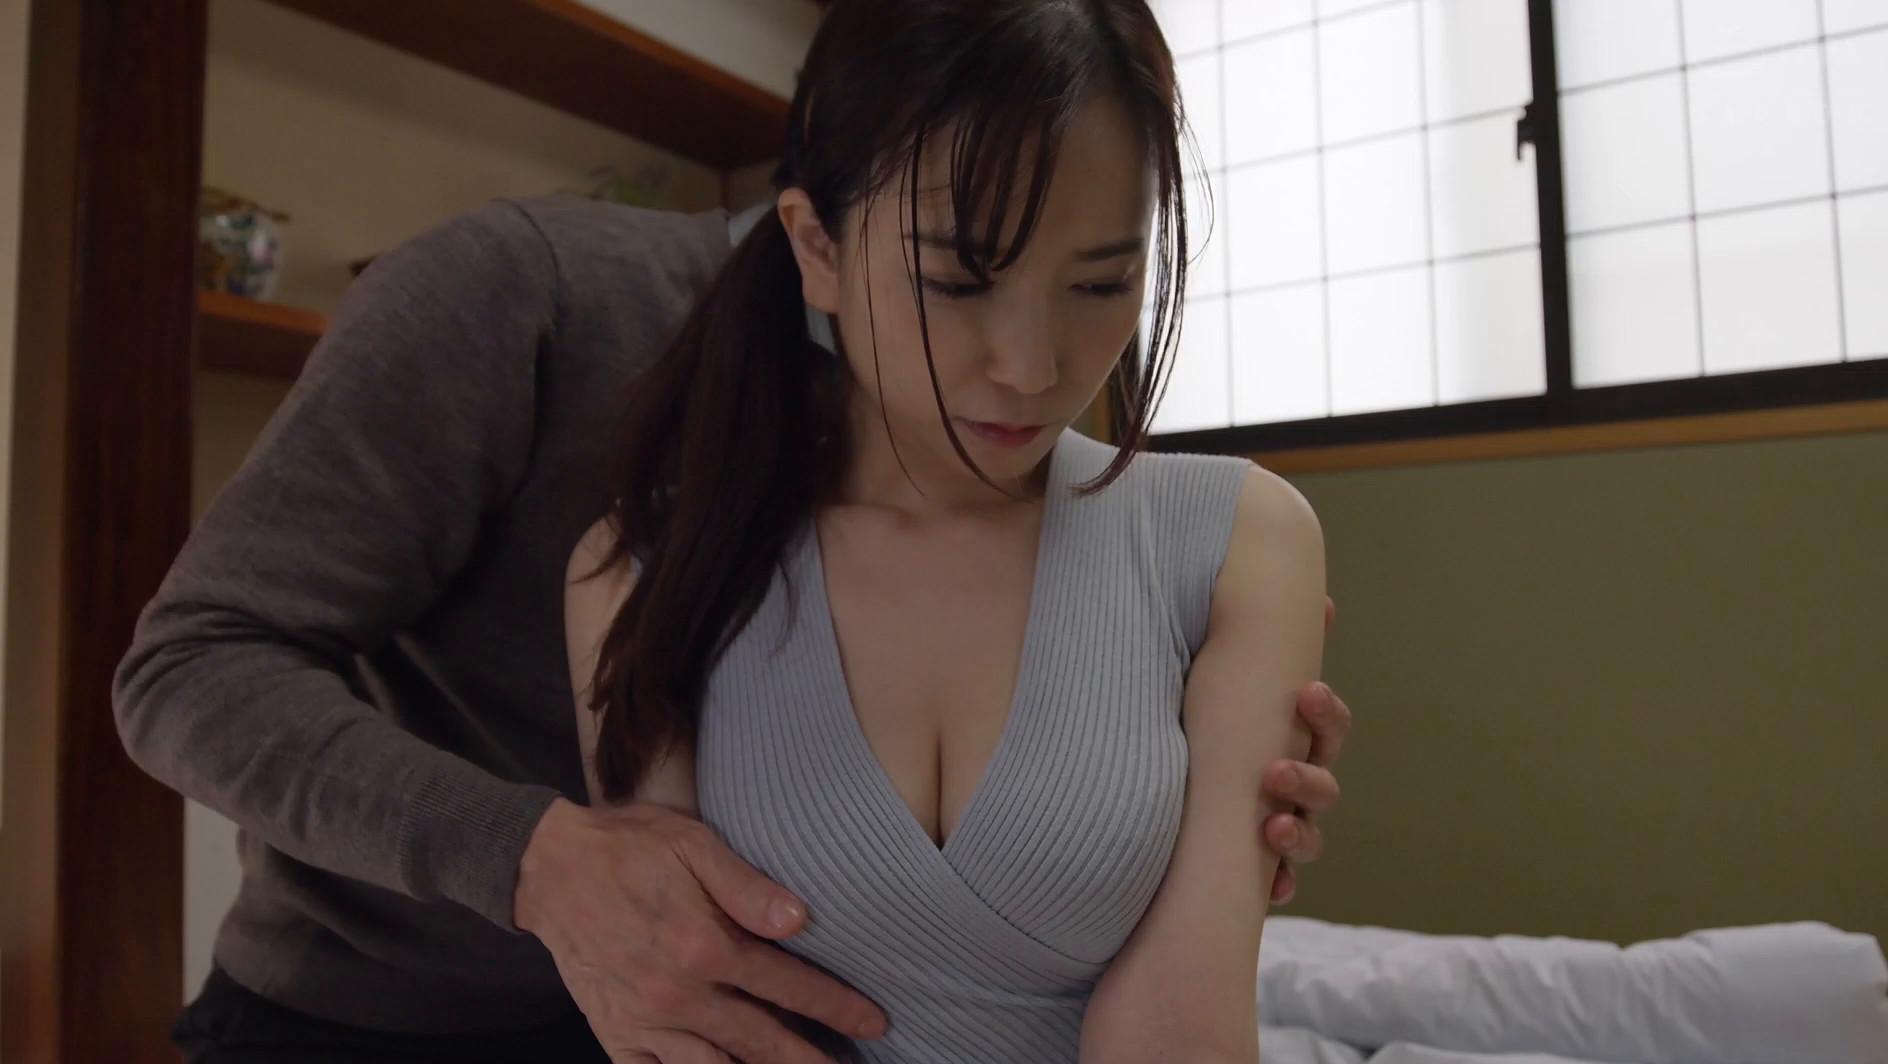 「実は私・・・アナタのお義父さんに毎週火曜日に犯されています」 笹倉杏 画像1